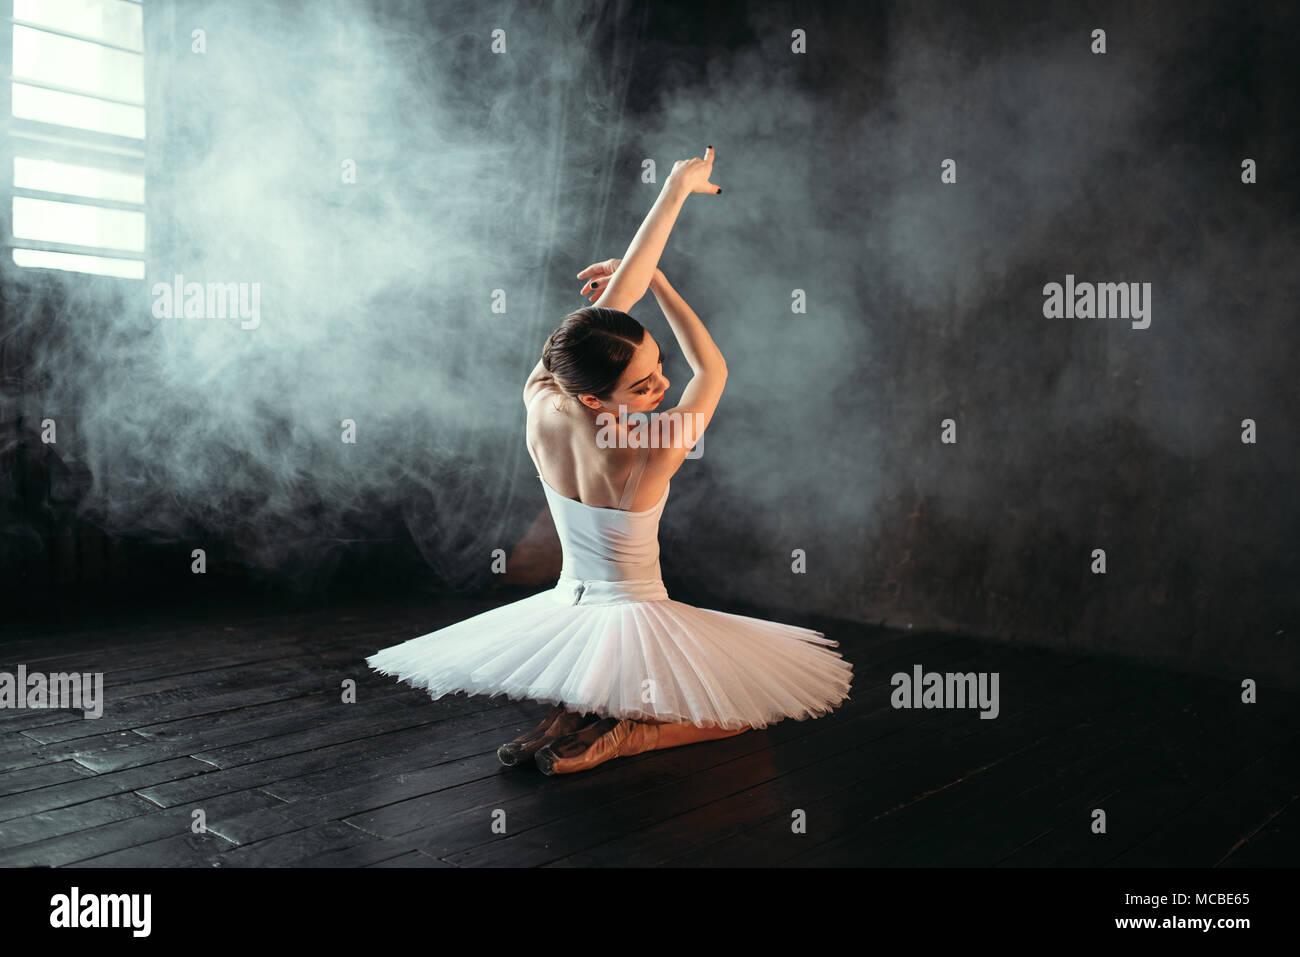 Femmina di balletto classico giocatore seduto sul pavimento Immagini Stock